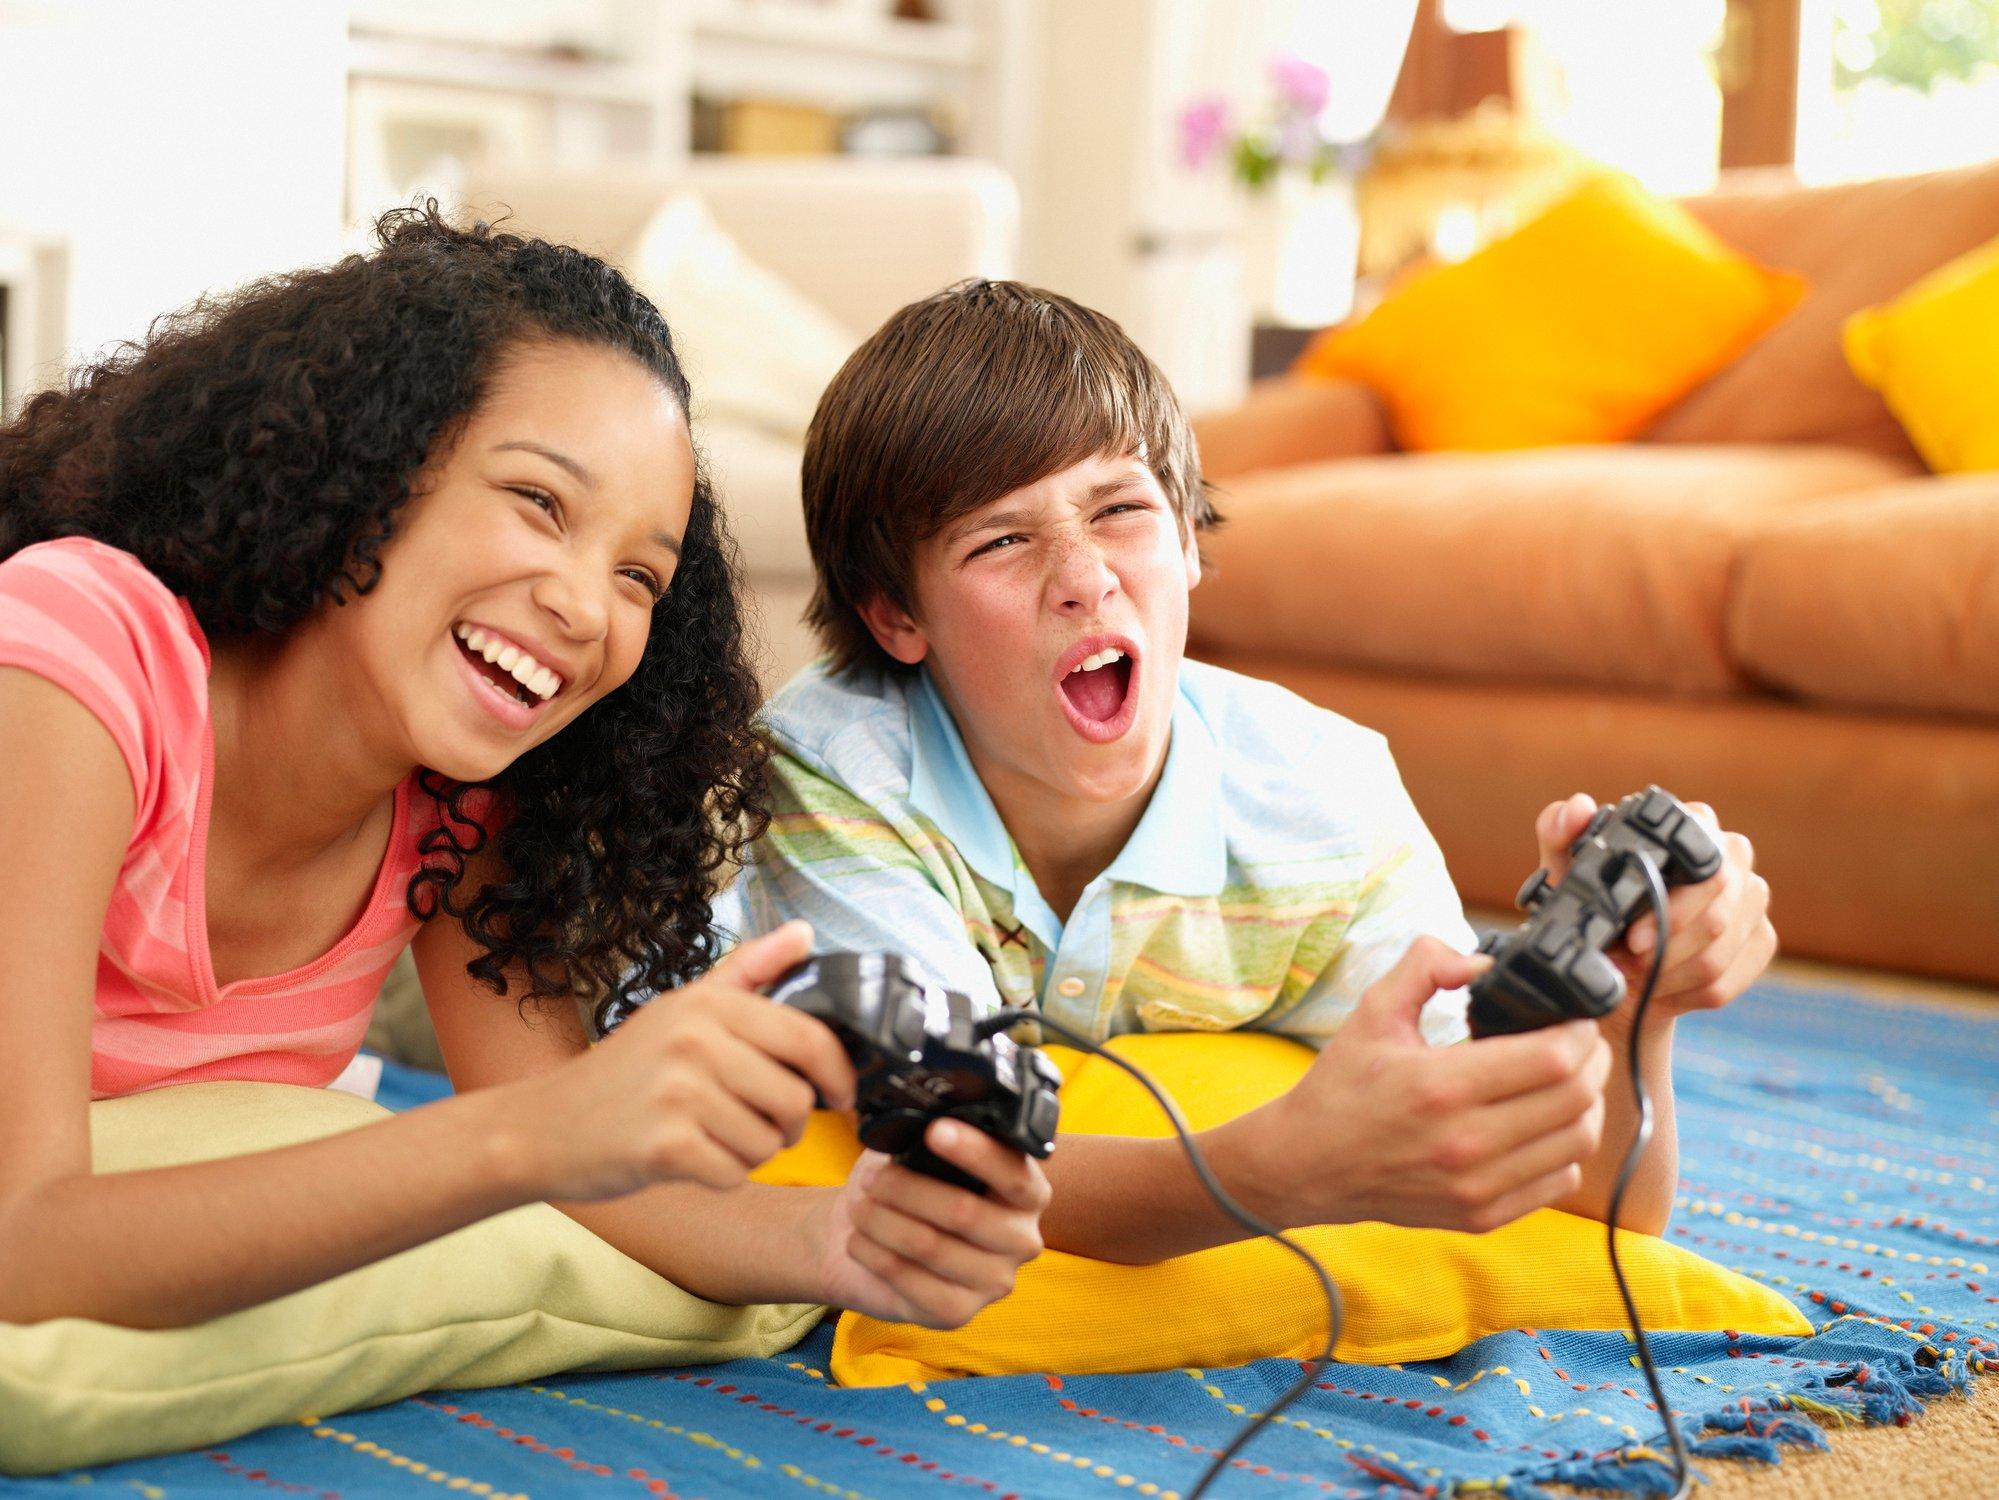 Teen games richards nude